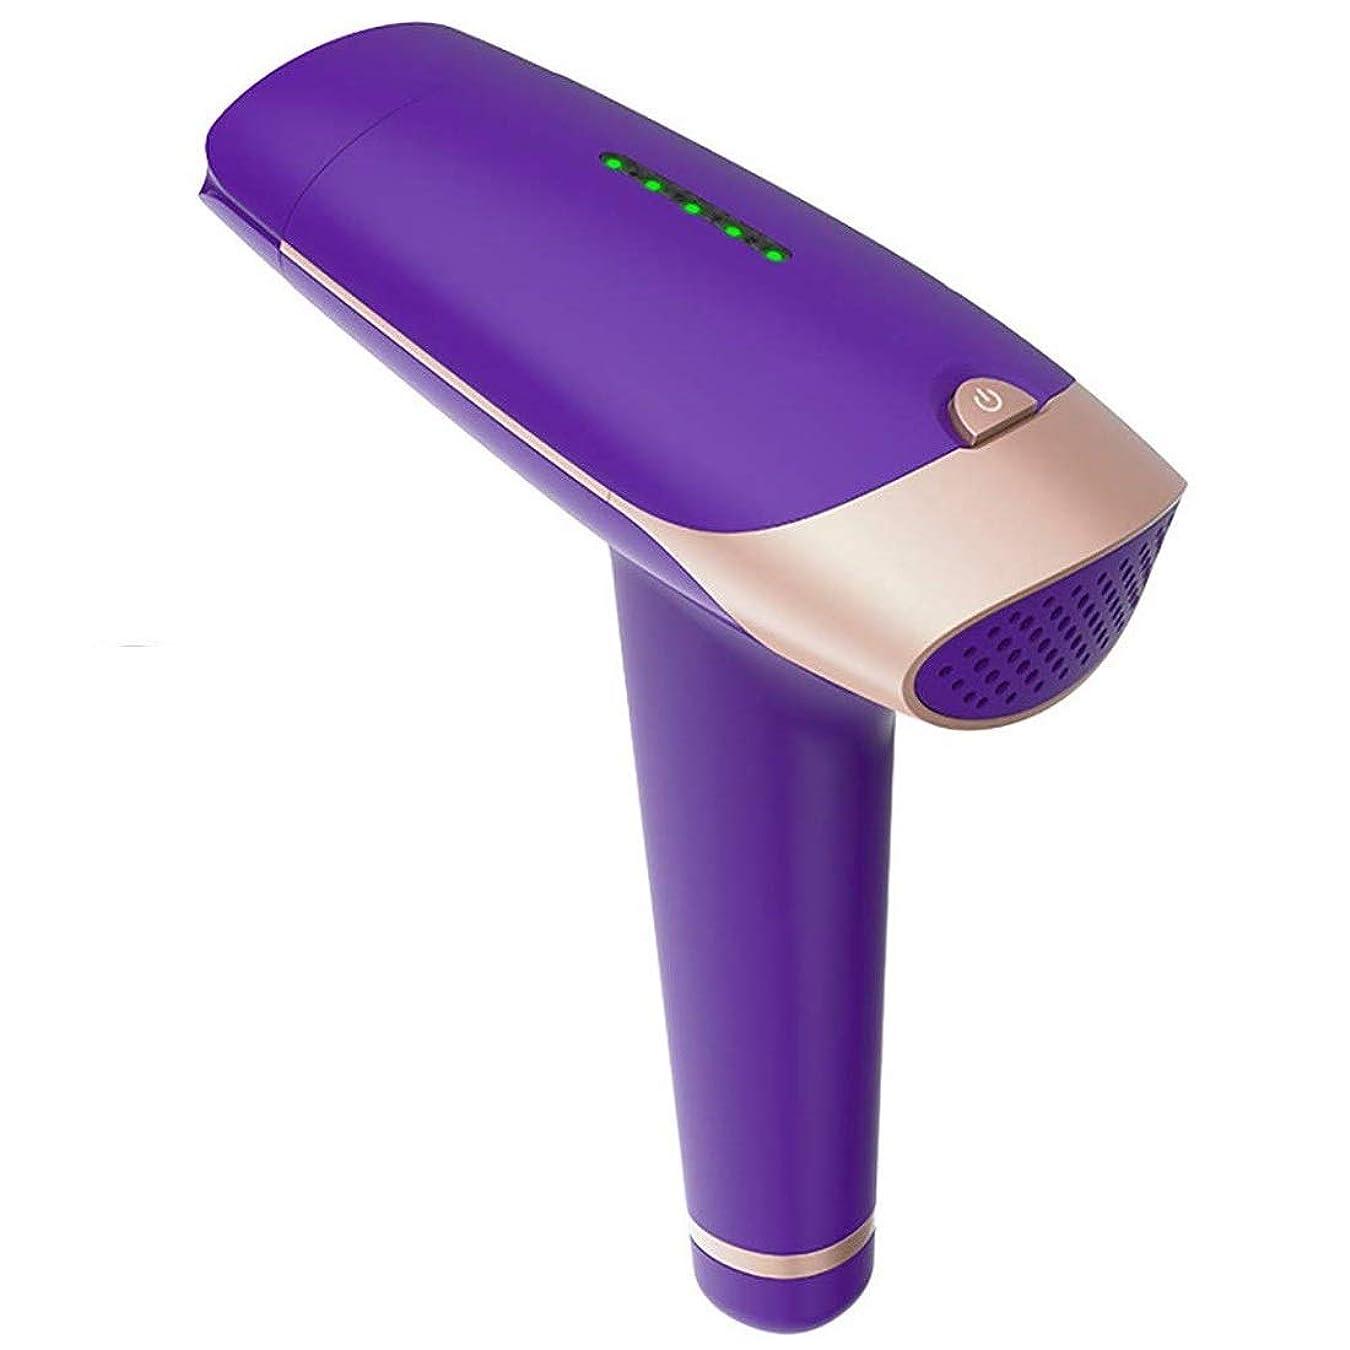 くしゃみ粉砕する憂鬱Trliy- 紫色のlpl脱毛システム、プロフェッショナルライト痛みのないレーザー脱毛器永久的な脱毛装置用男女ボディフェイスビキニ